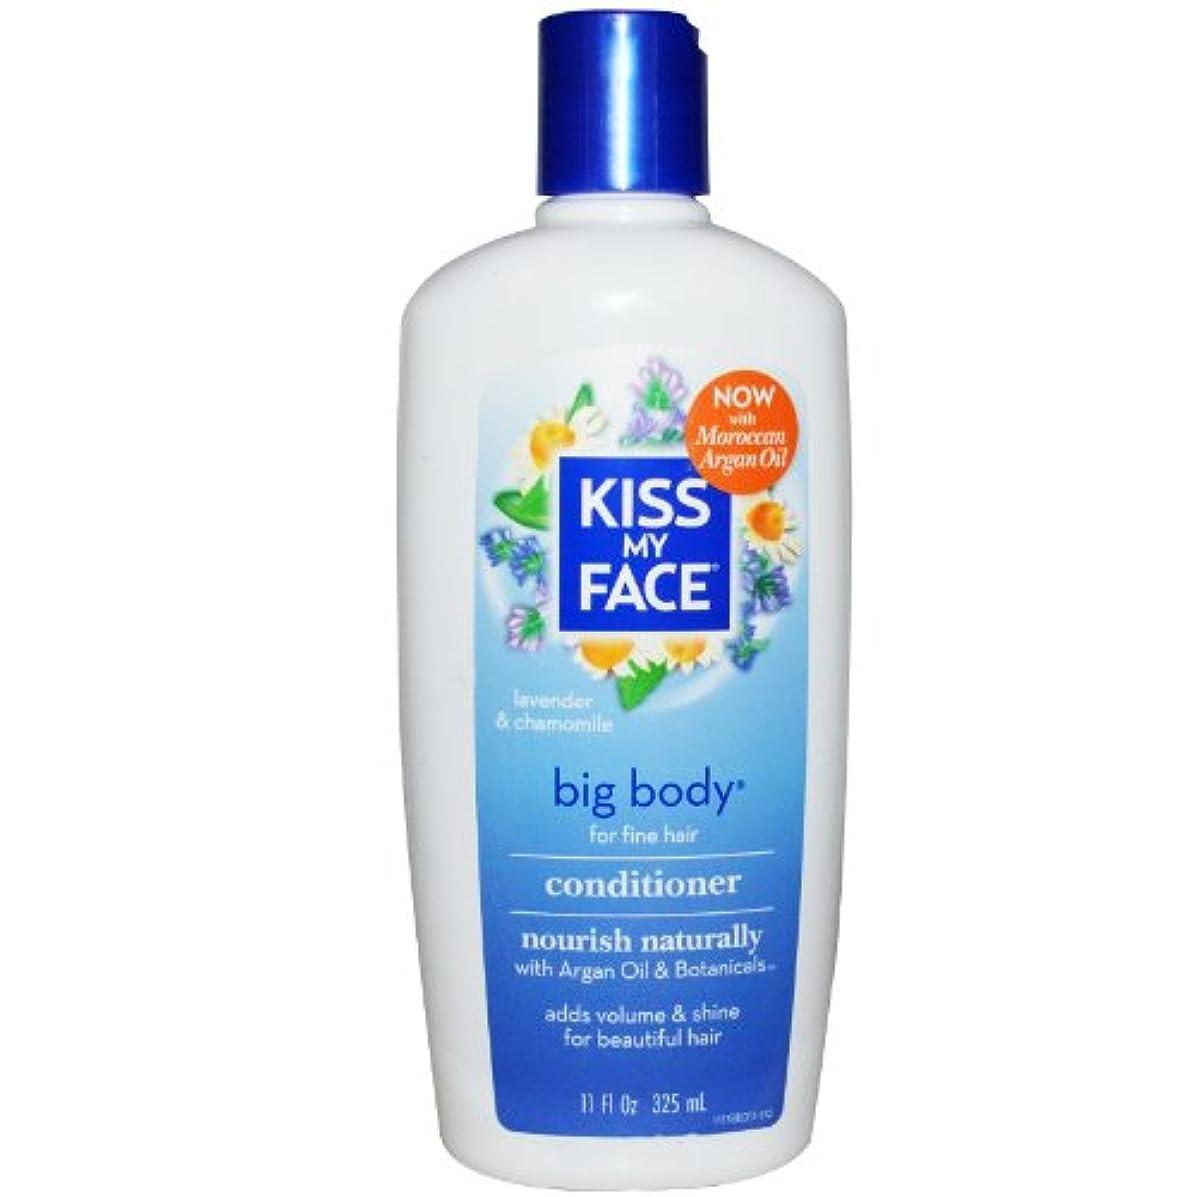 値下げジュラシックパーク亜熱帯Kiss My Face Big Body Conditioner Lavender and Chamomile - 11 fl oz